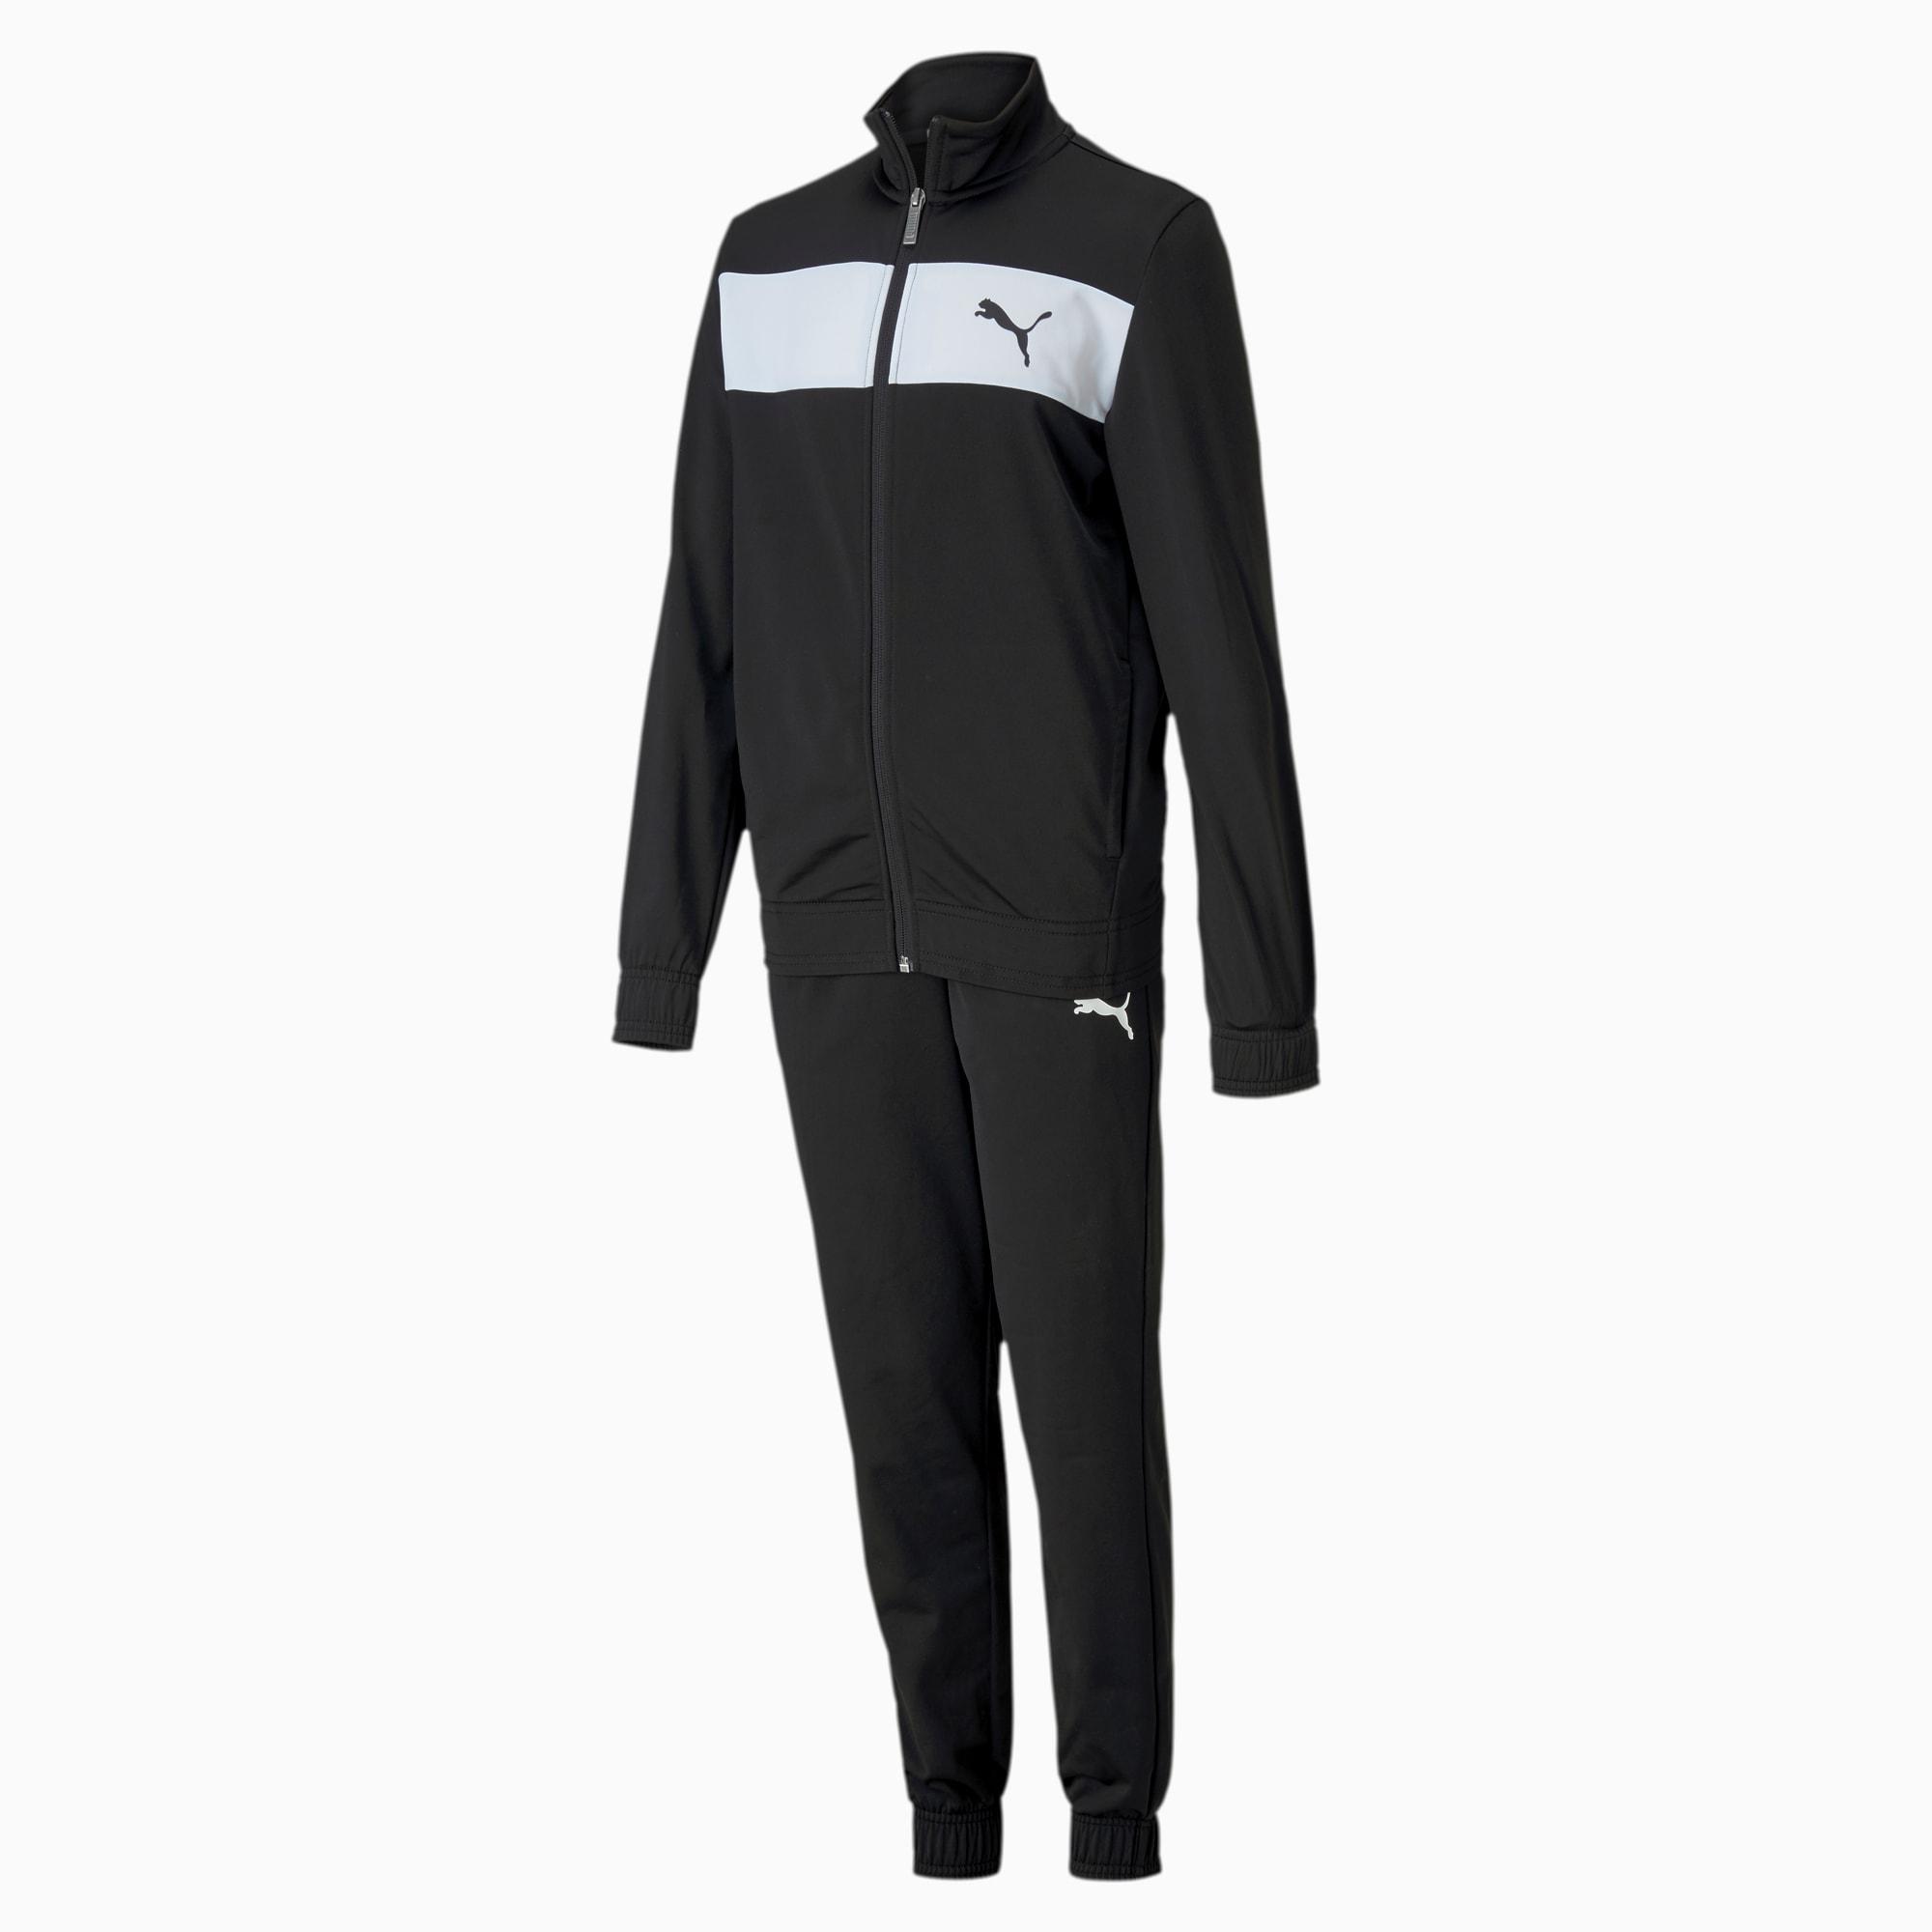 PUMA Polyester Jungen Trainingsanzug Für Kinder | Mit Aucun | Schwarz | Größe: 164